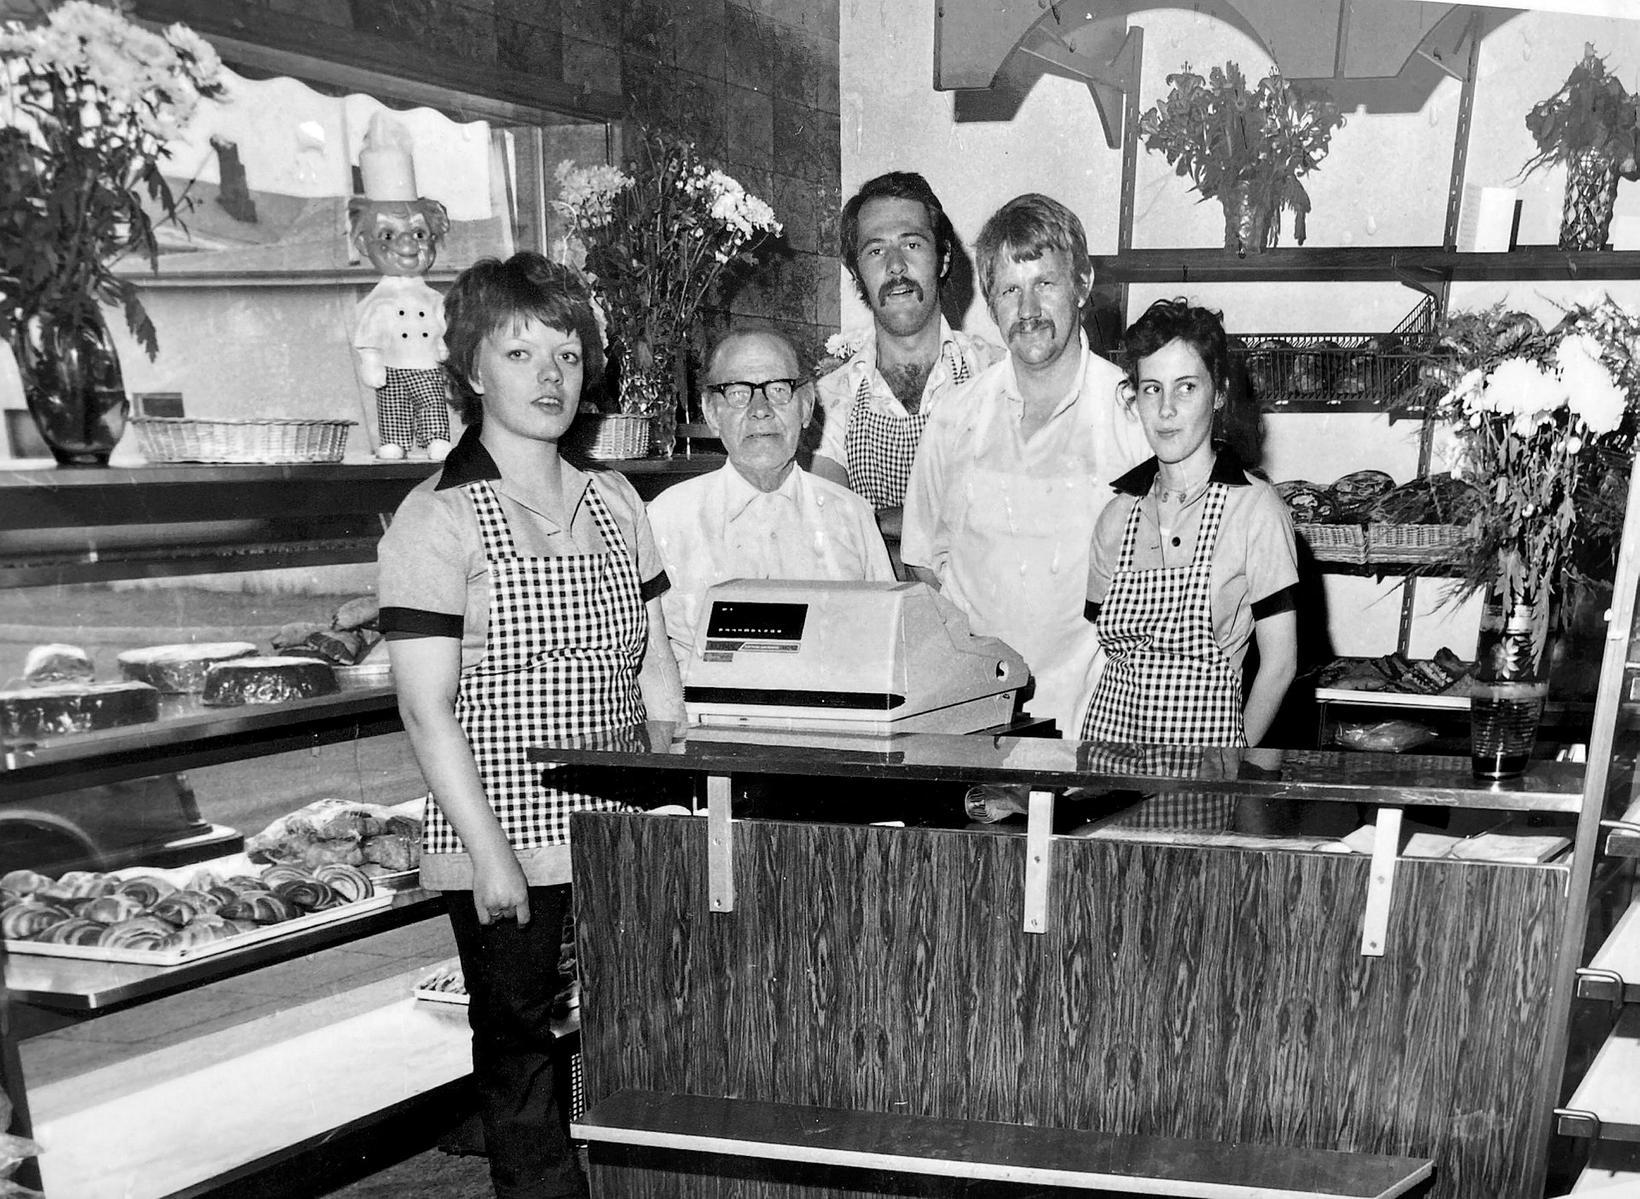 Starfsfólk Sauðárkróksbakarís í kringum 1980, f.v.: Unnur Sævarsdóttir, Guðjón Sigurðsson …